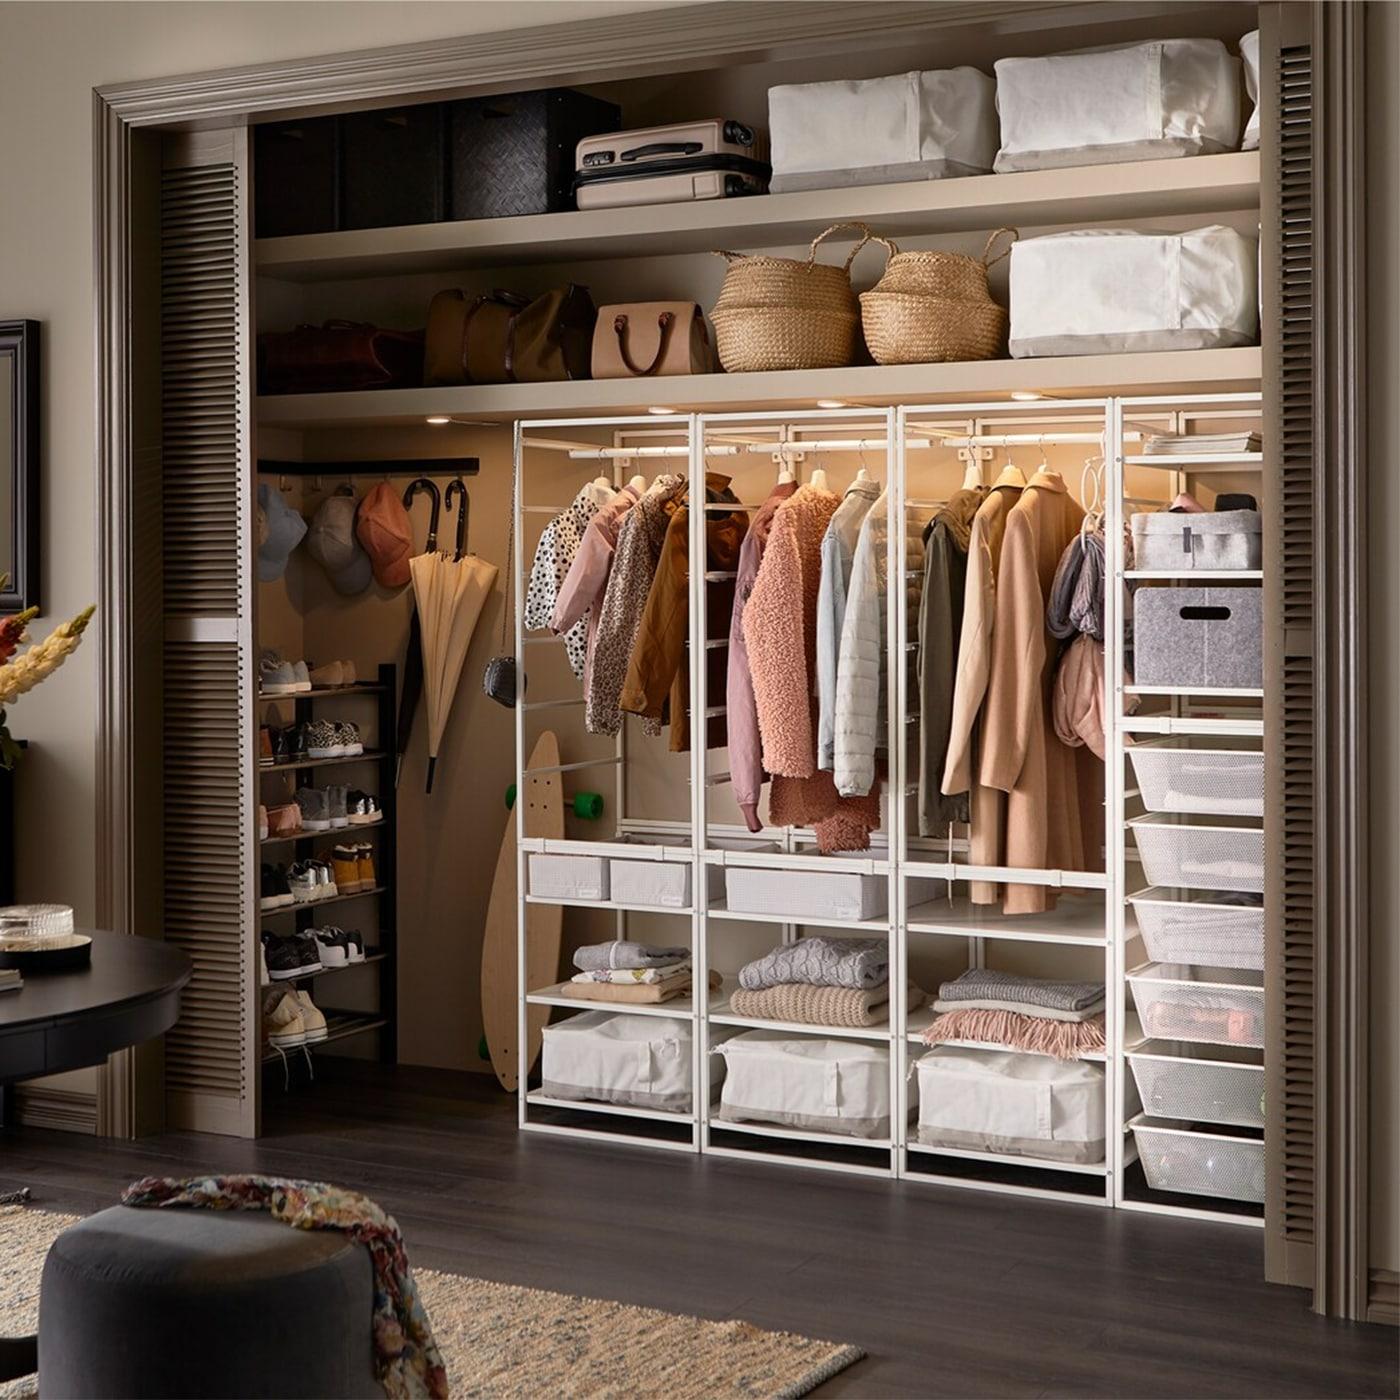 مدخل واسع مع دولاب ملابس مدمج مع نظام تخزين JONAXEL بلون أبيض، وأكياس تخزين بيضاء وإضاءة من الداخل.